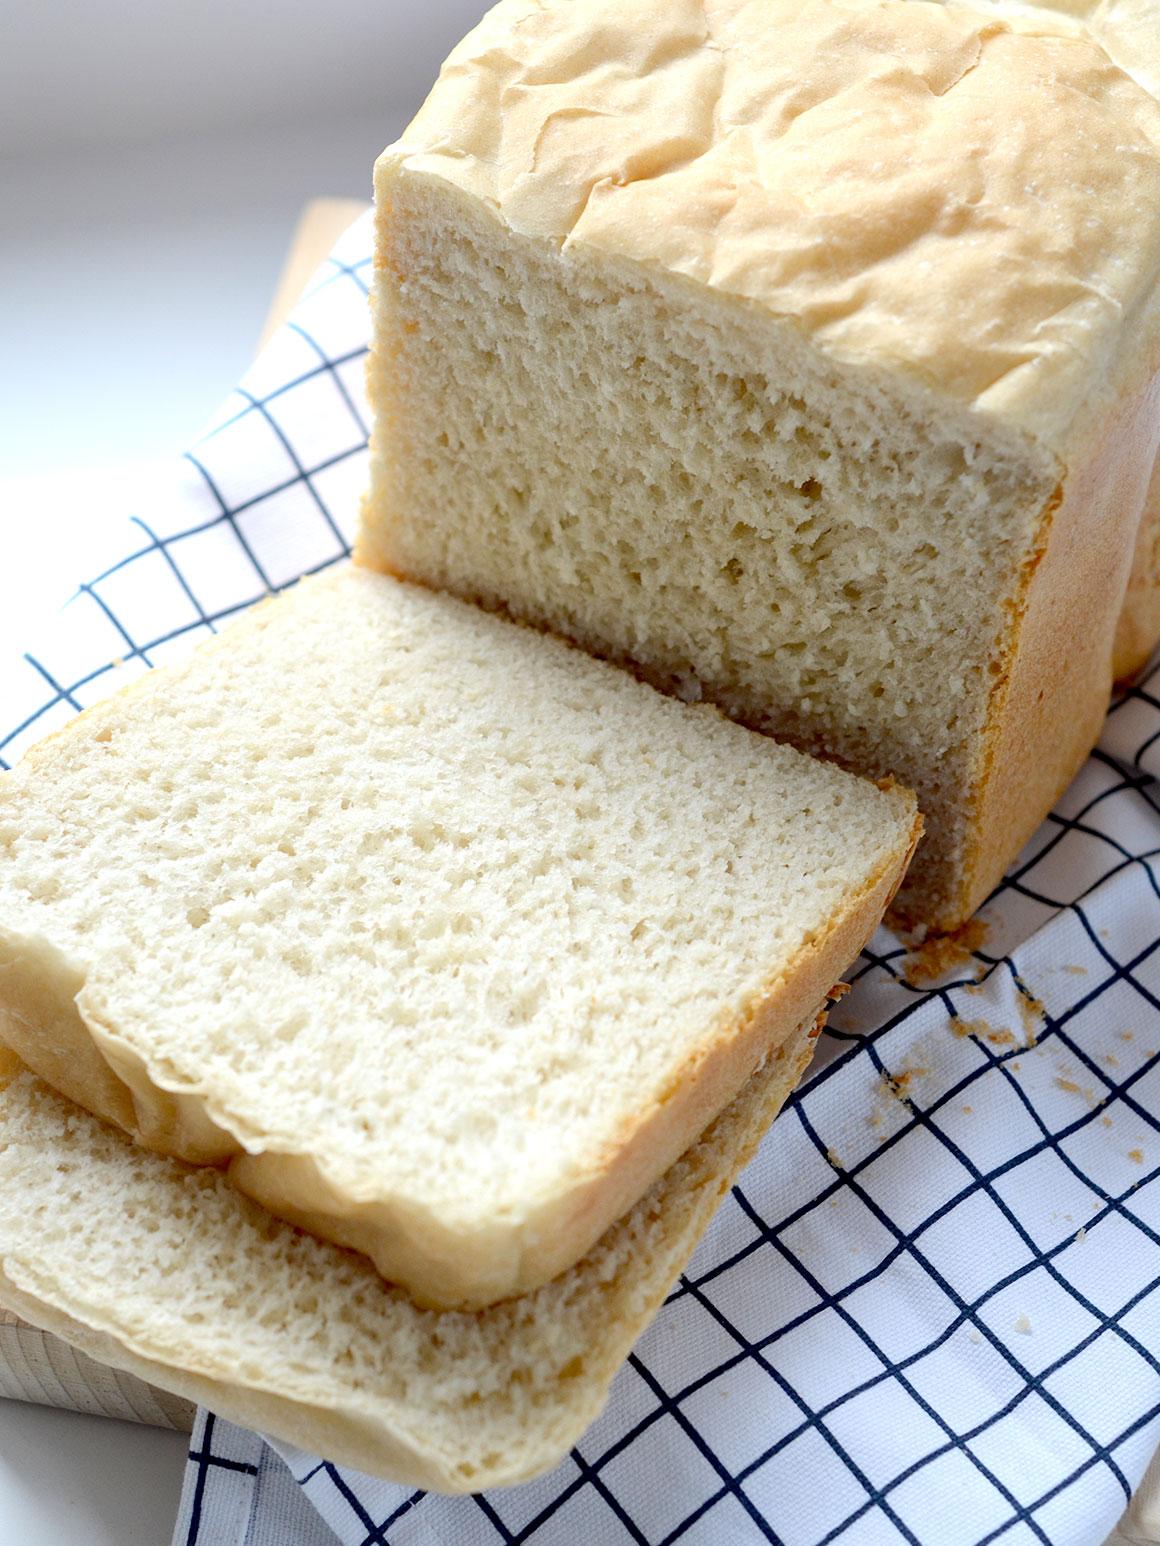 Lekker wit brood uit de broodbakmachine